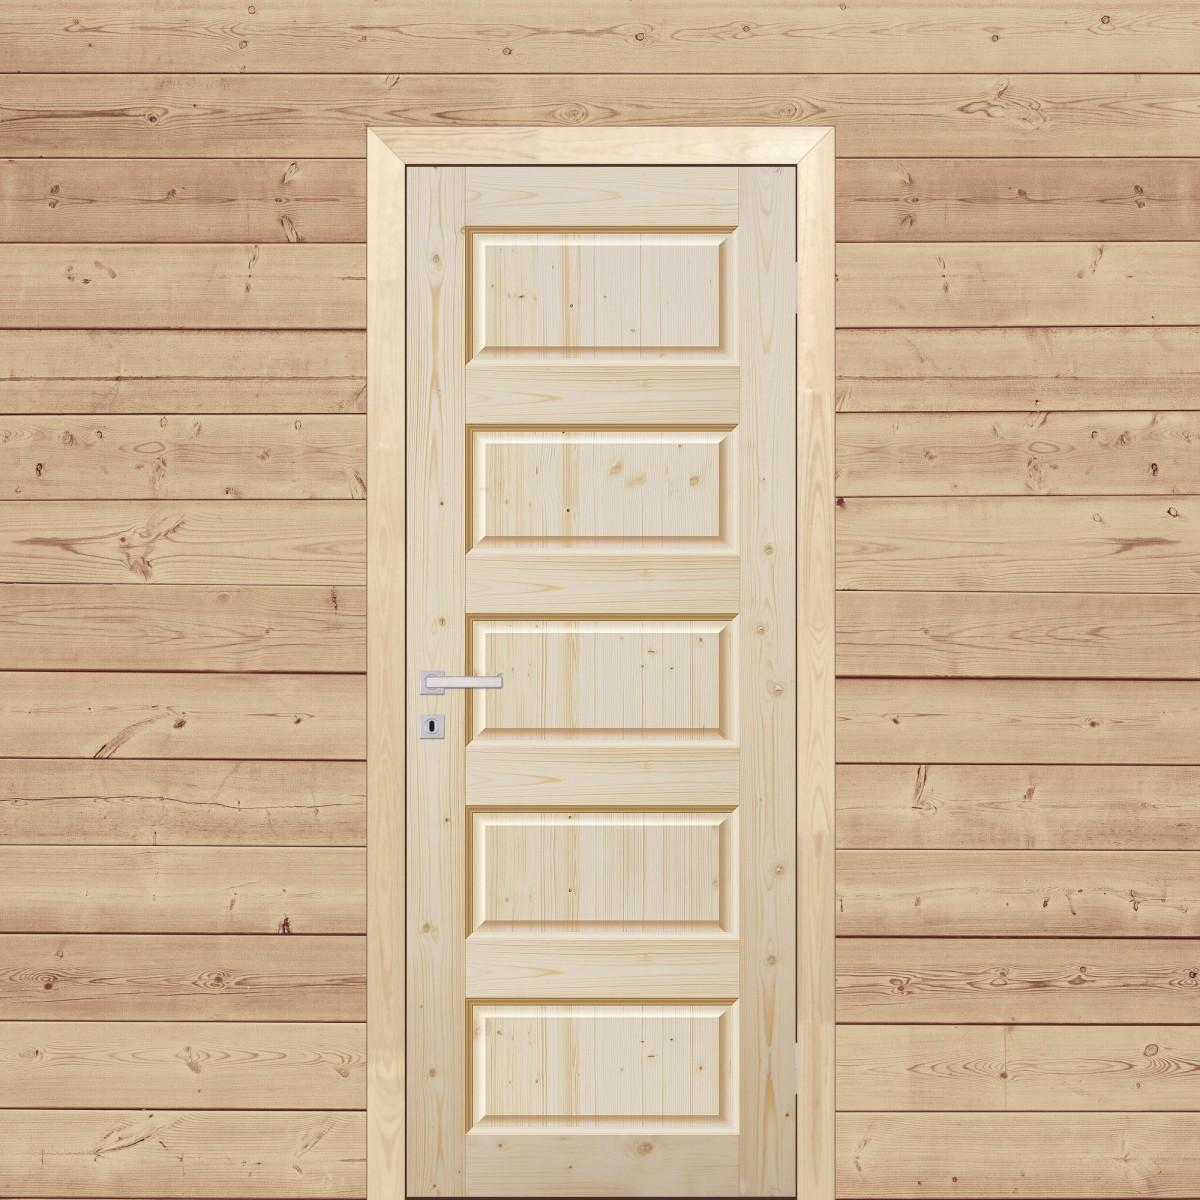 Дверь Межкомнатная Глухая 70x200 Пятифиленчатый Массив Хвои Цвет Натуральный